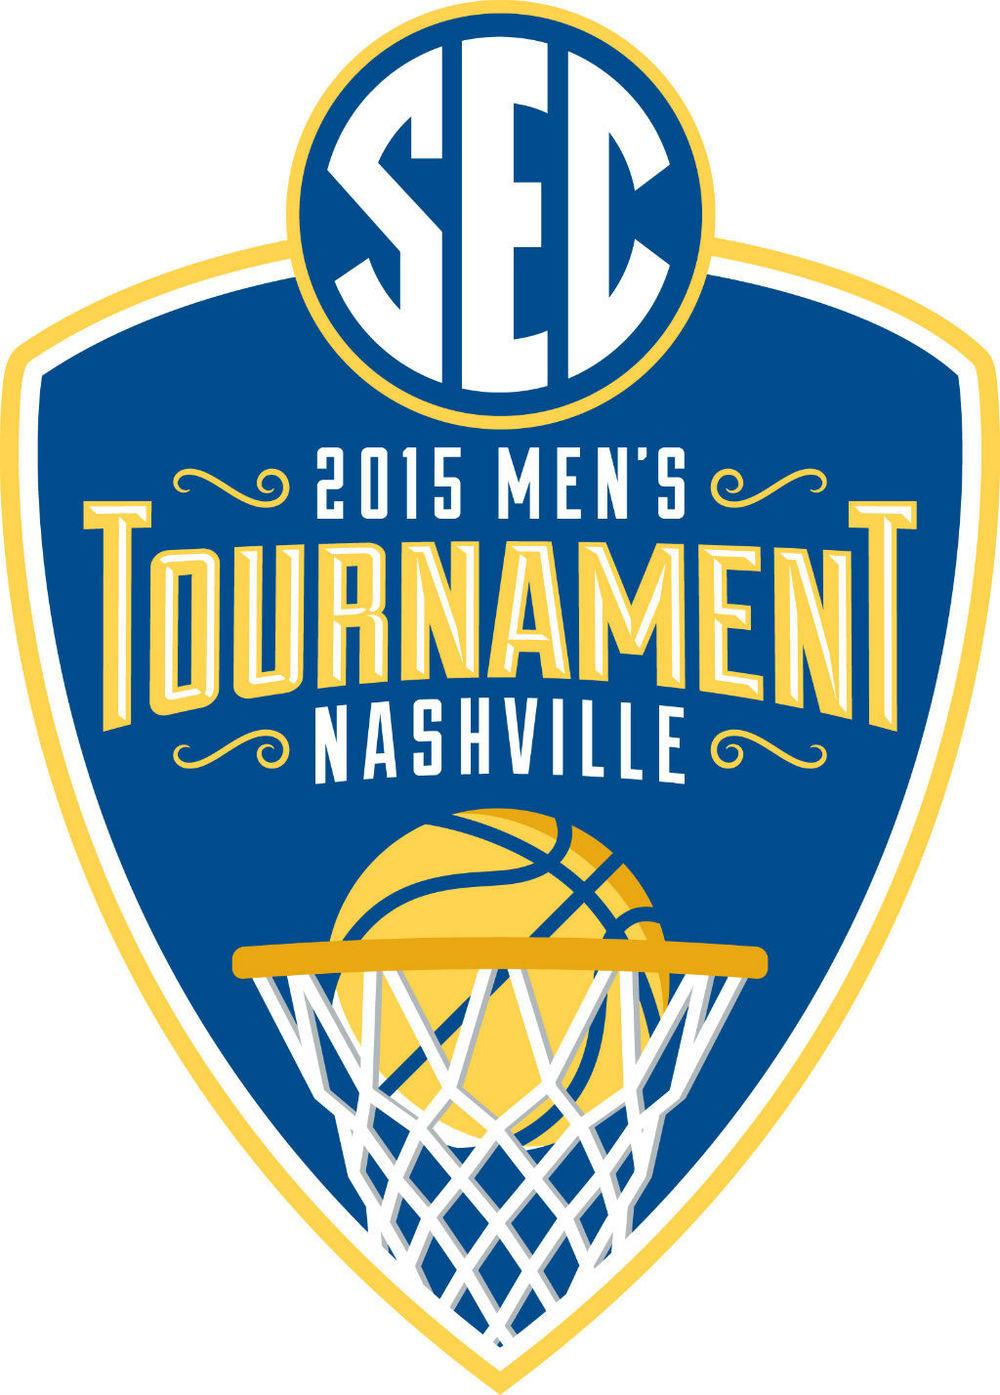 2015-sec-basketball-tournament-20e796456cce068a.jpg